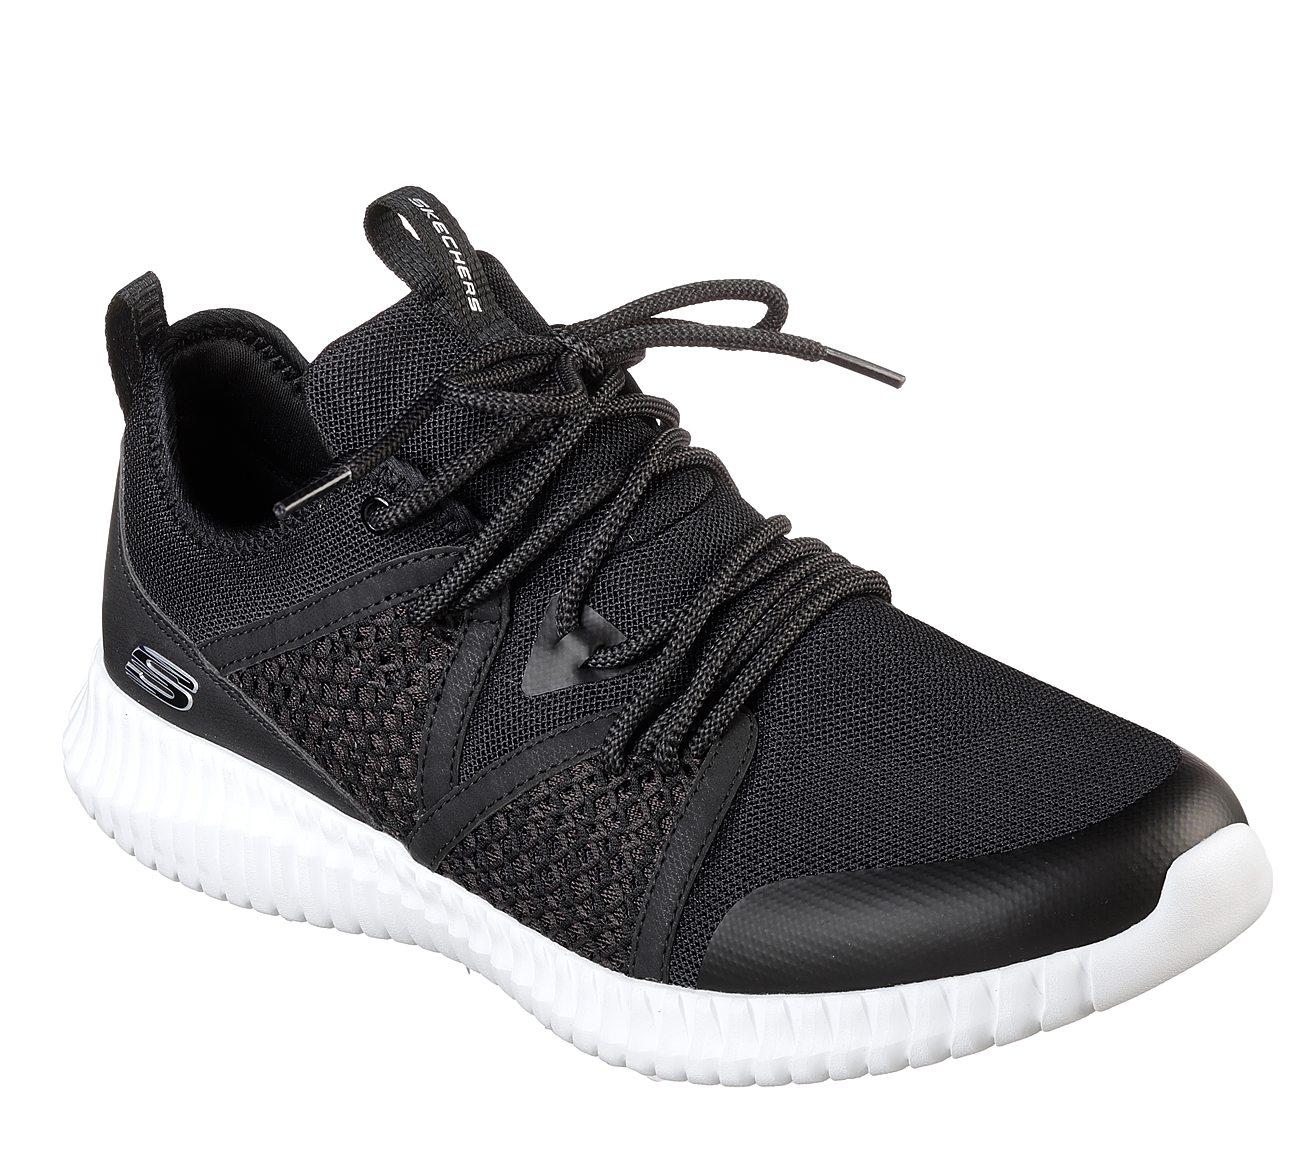 Skechers Elite Flex Falconholt White Mens Sneakers Low Top Shoes